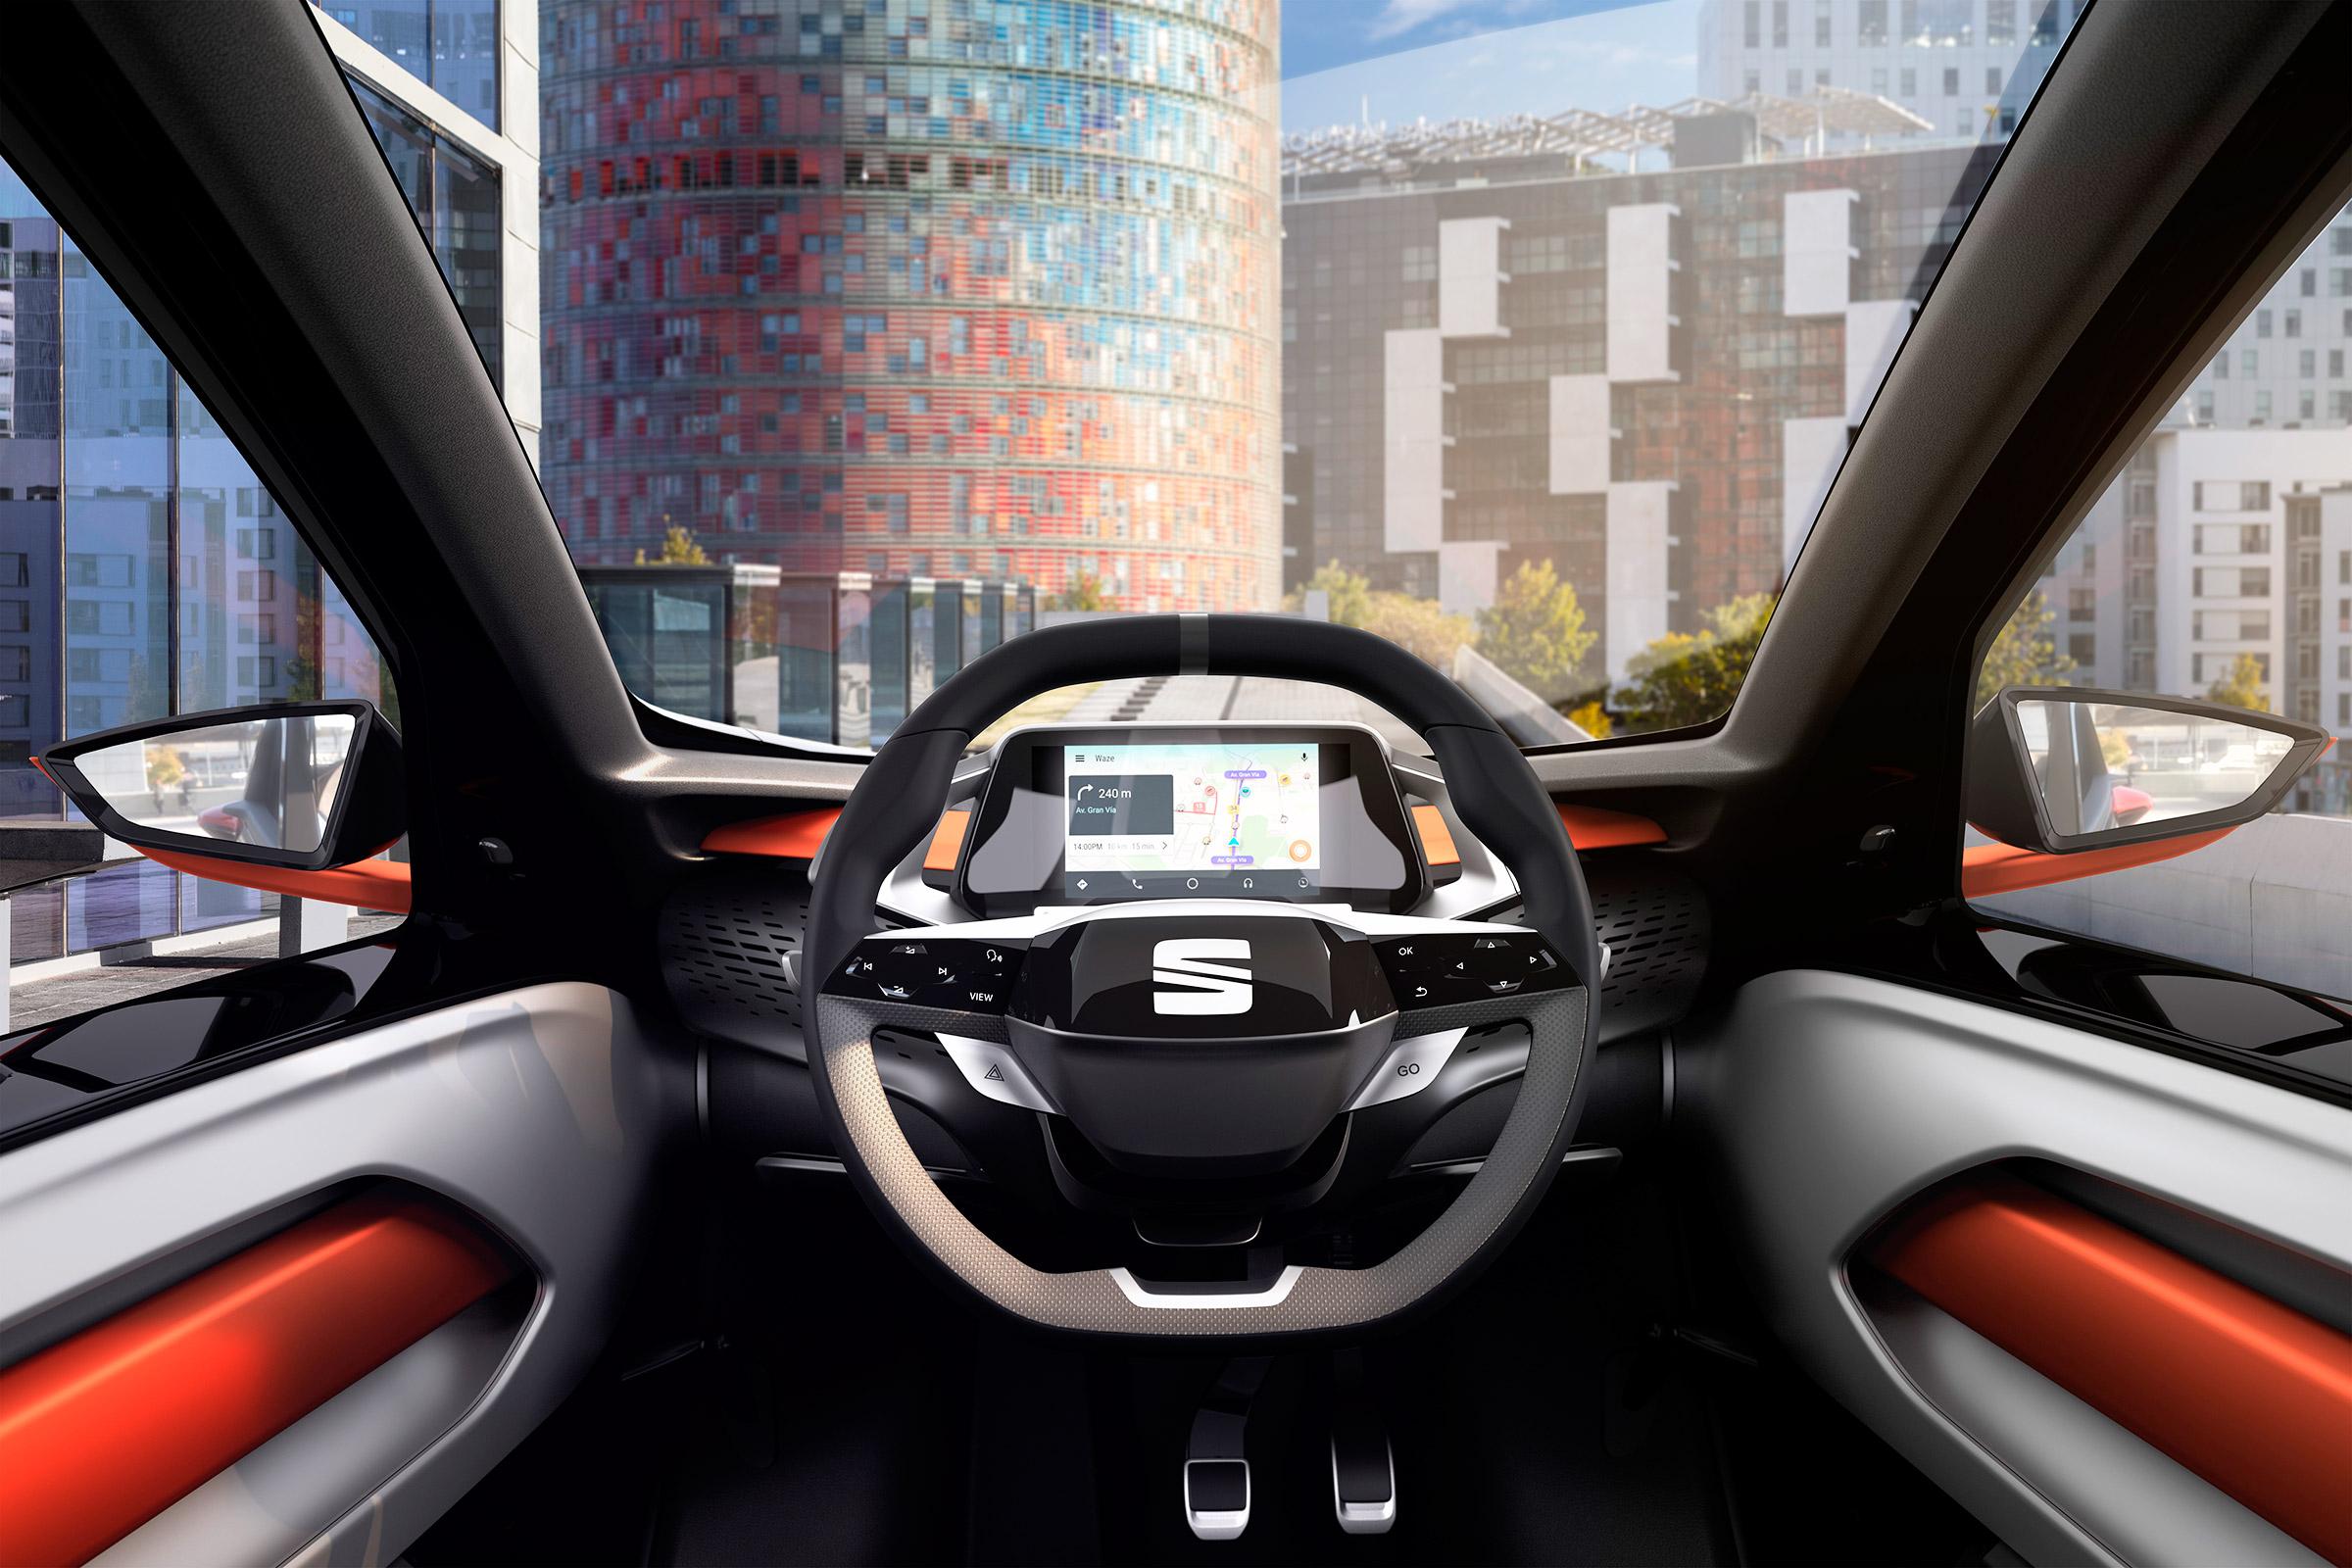 Debutta al MWC 2019 Seat Minimó, la micro car elettrica pensata per il car sharing 1